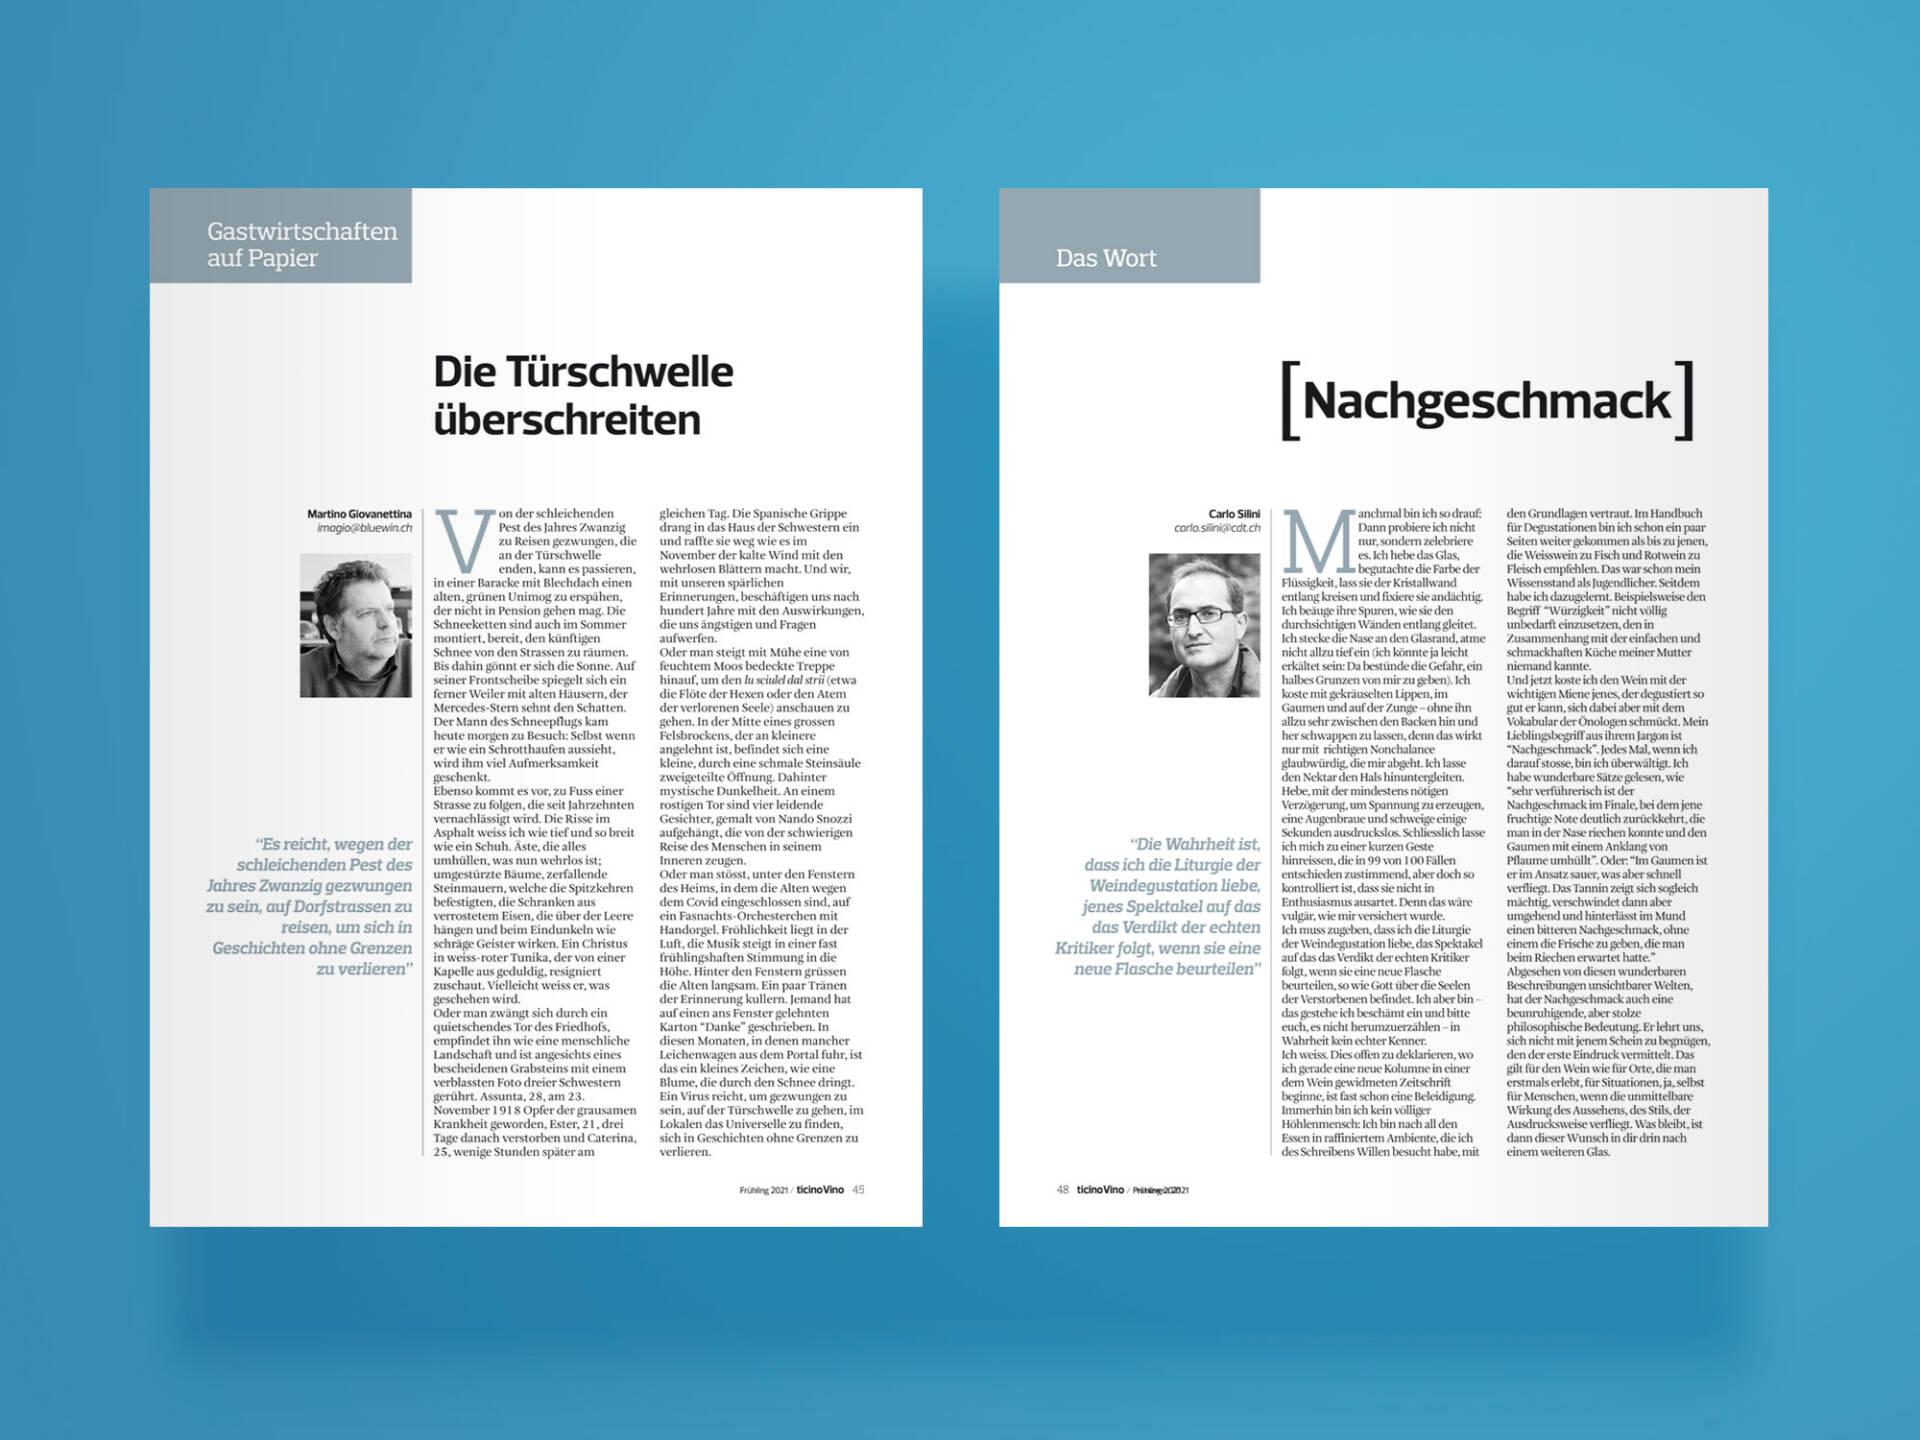 TicinoVino-Wein-Wenceslau-News-Design-07